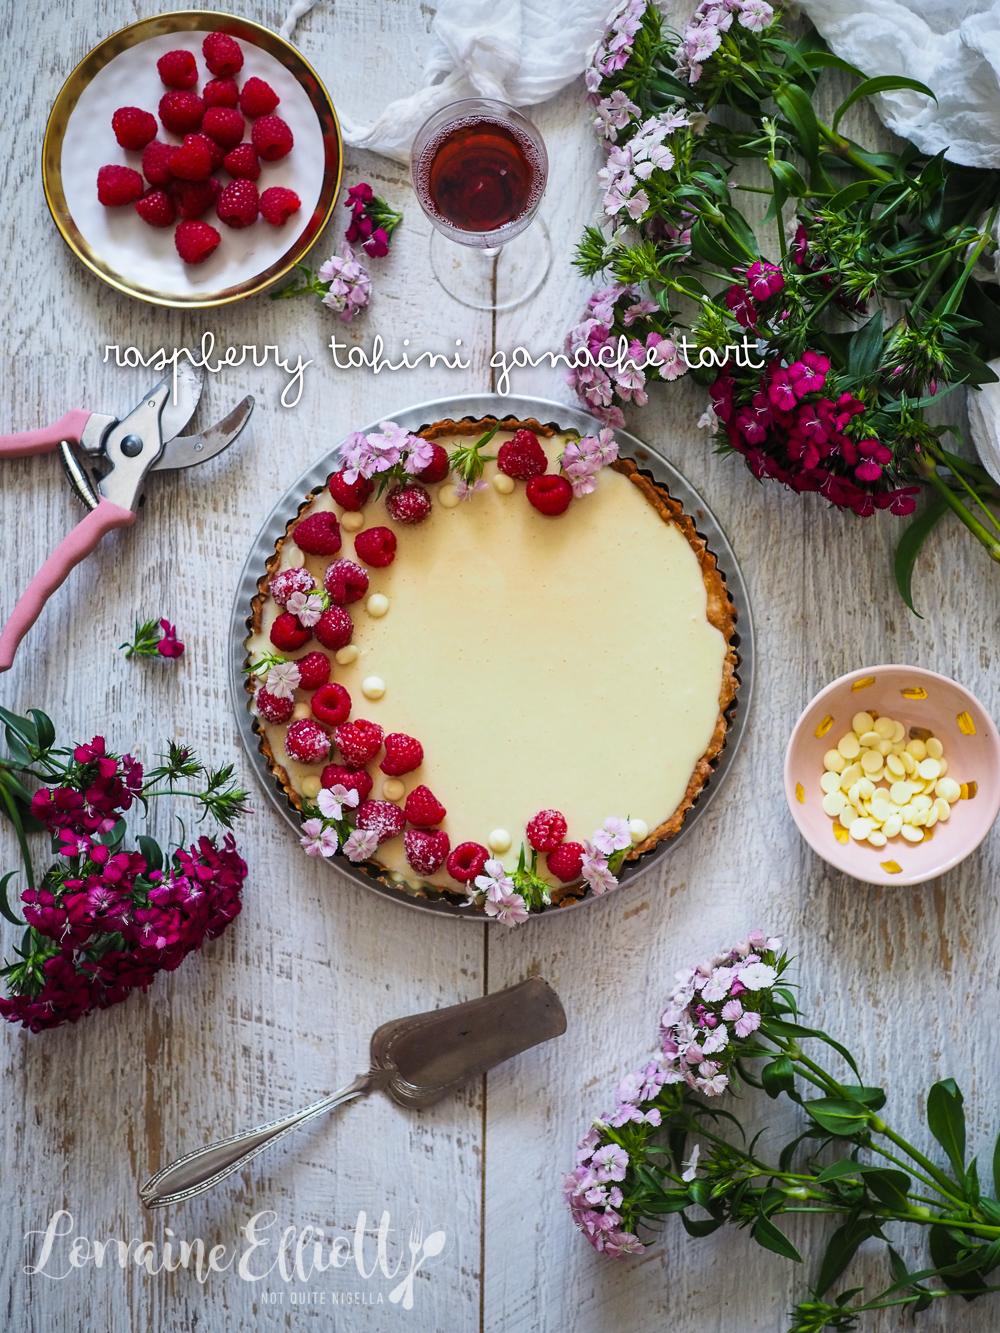 Raspberry Tahini Ganache Tart